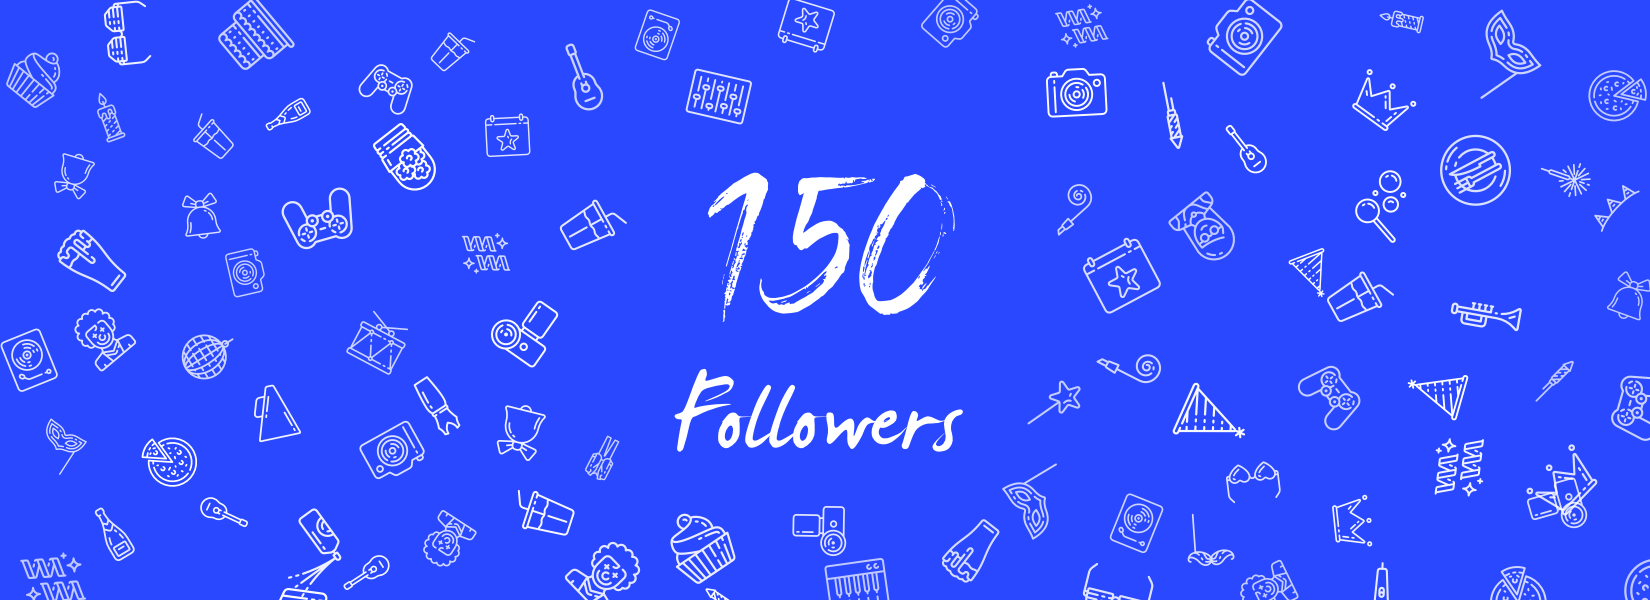 We've hit 150 Followers!